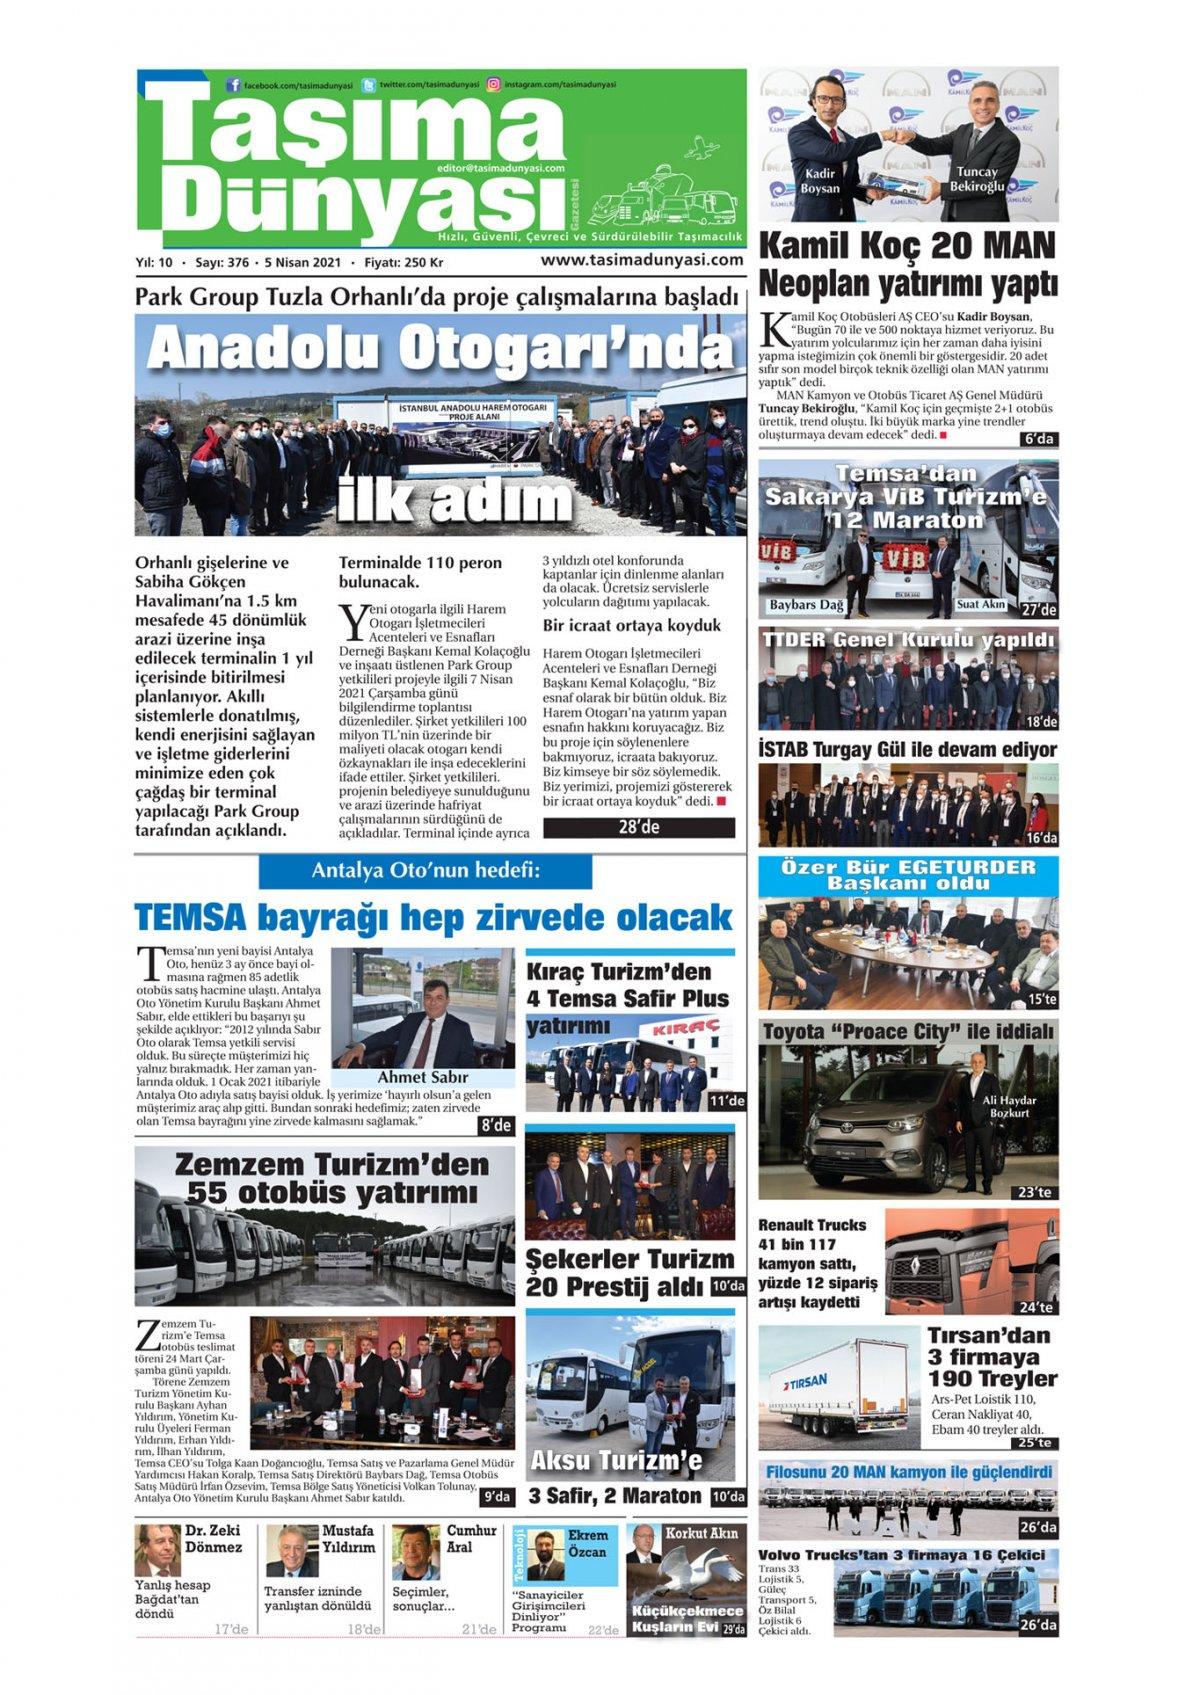 Taşıma Dünyası Gazetesi - 08.04.2021 Manşeti